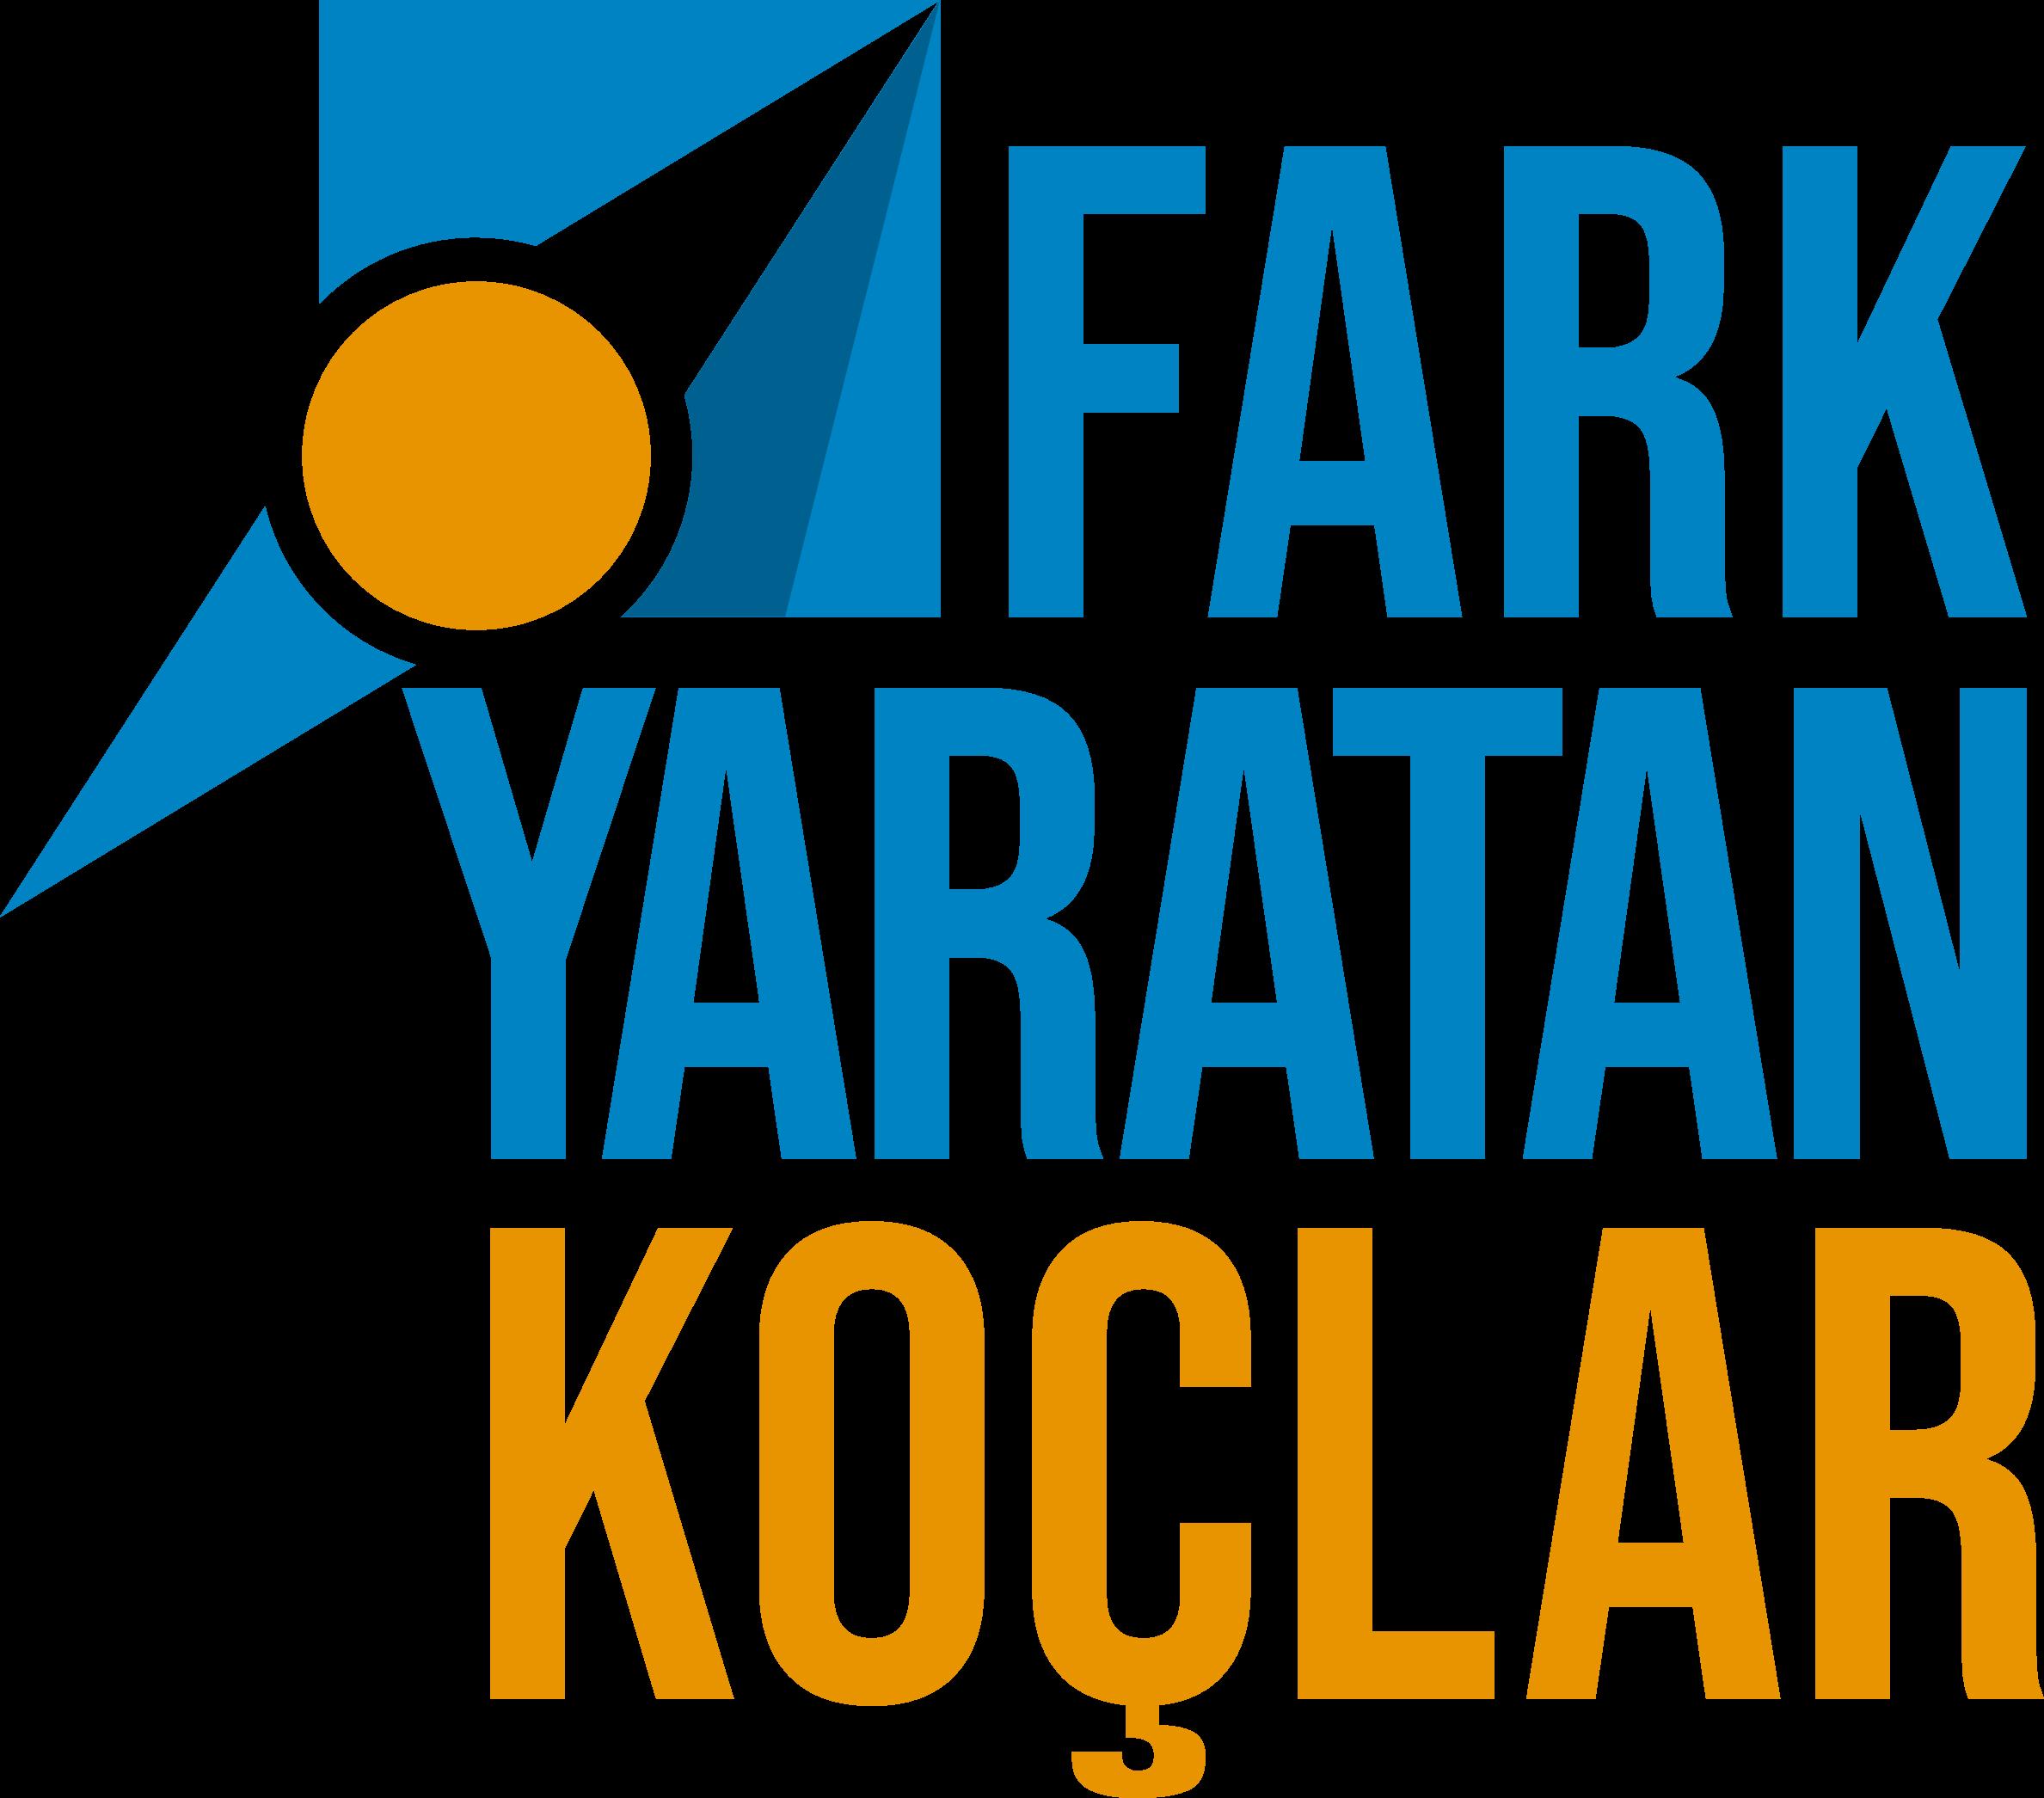 Fark Yaratan Koçlar Logo